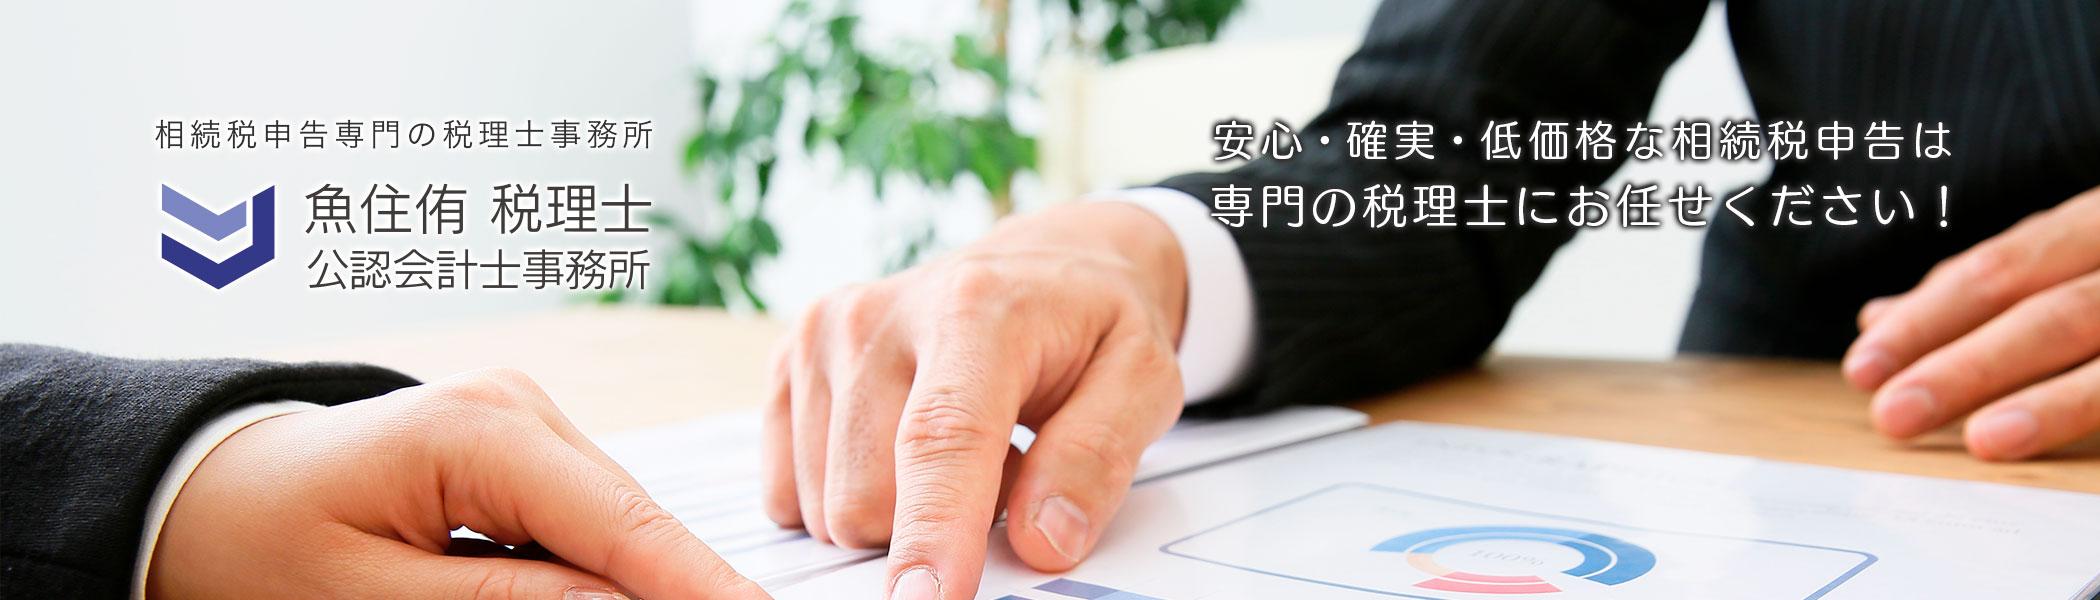 相続税申告専門の税理士事務所